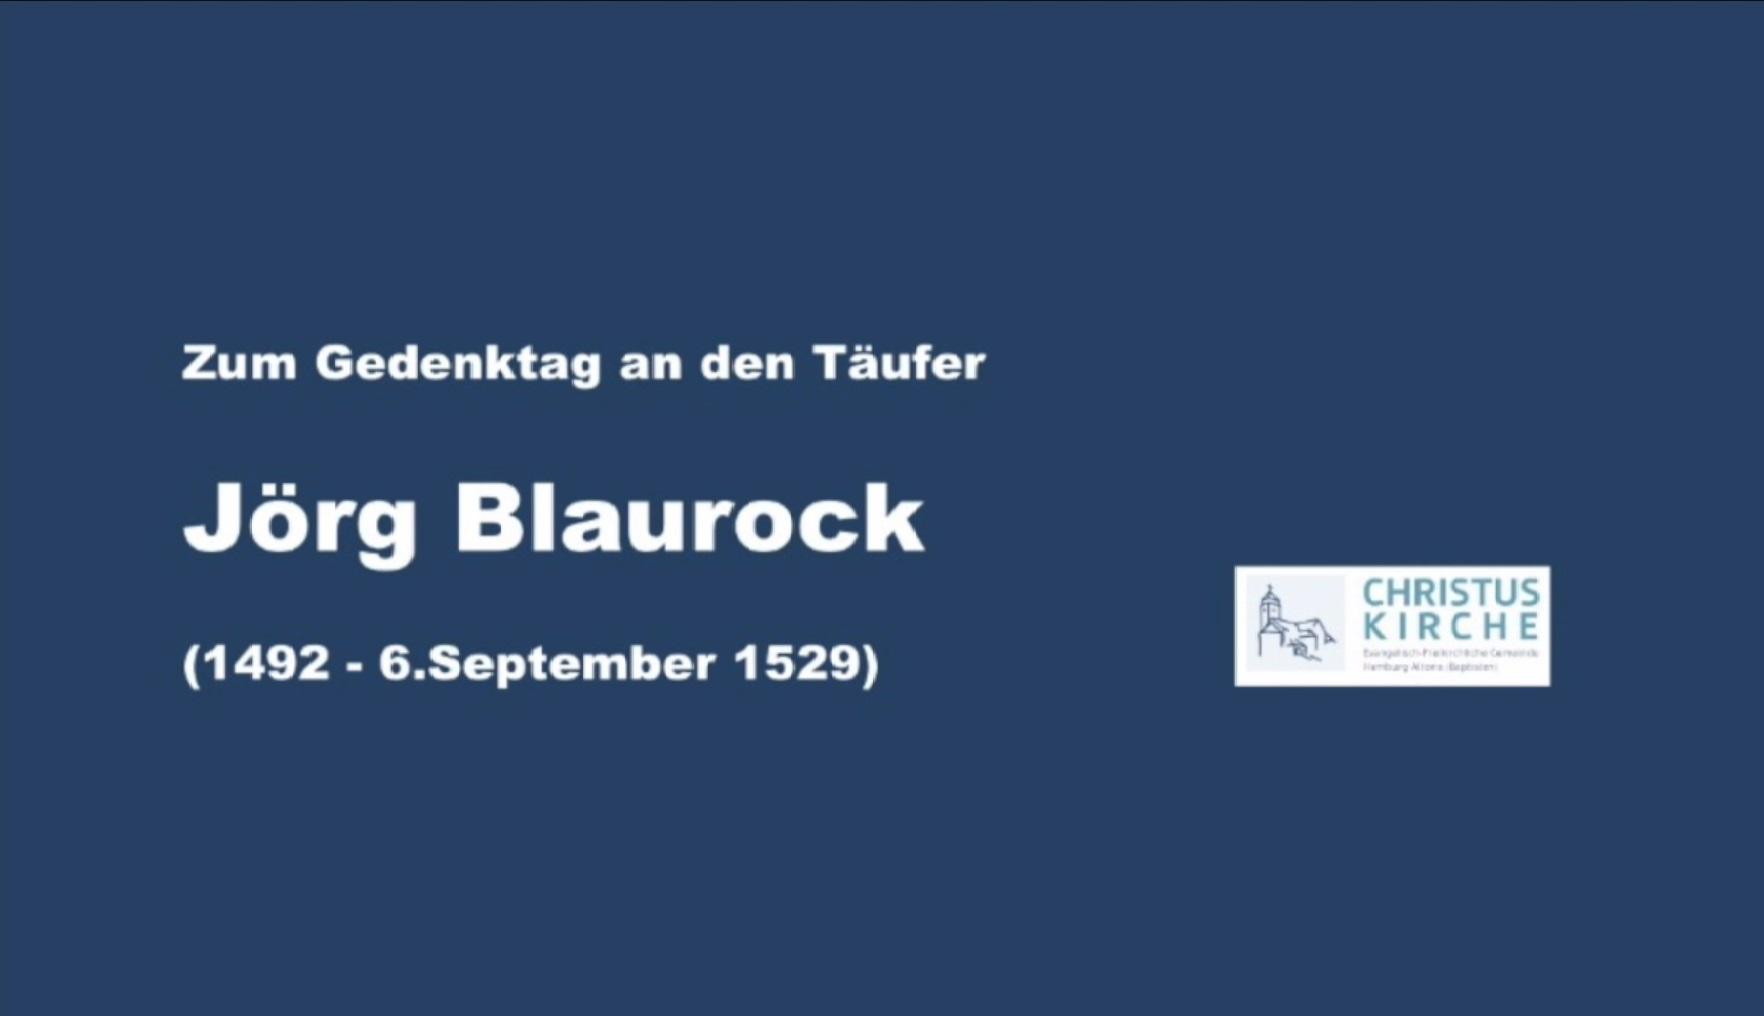 Jörg Blaurock